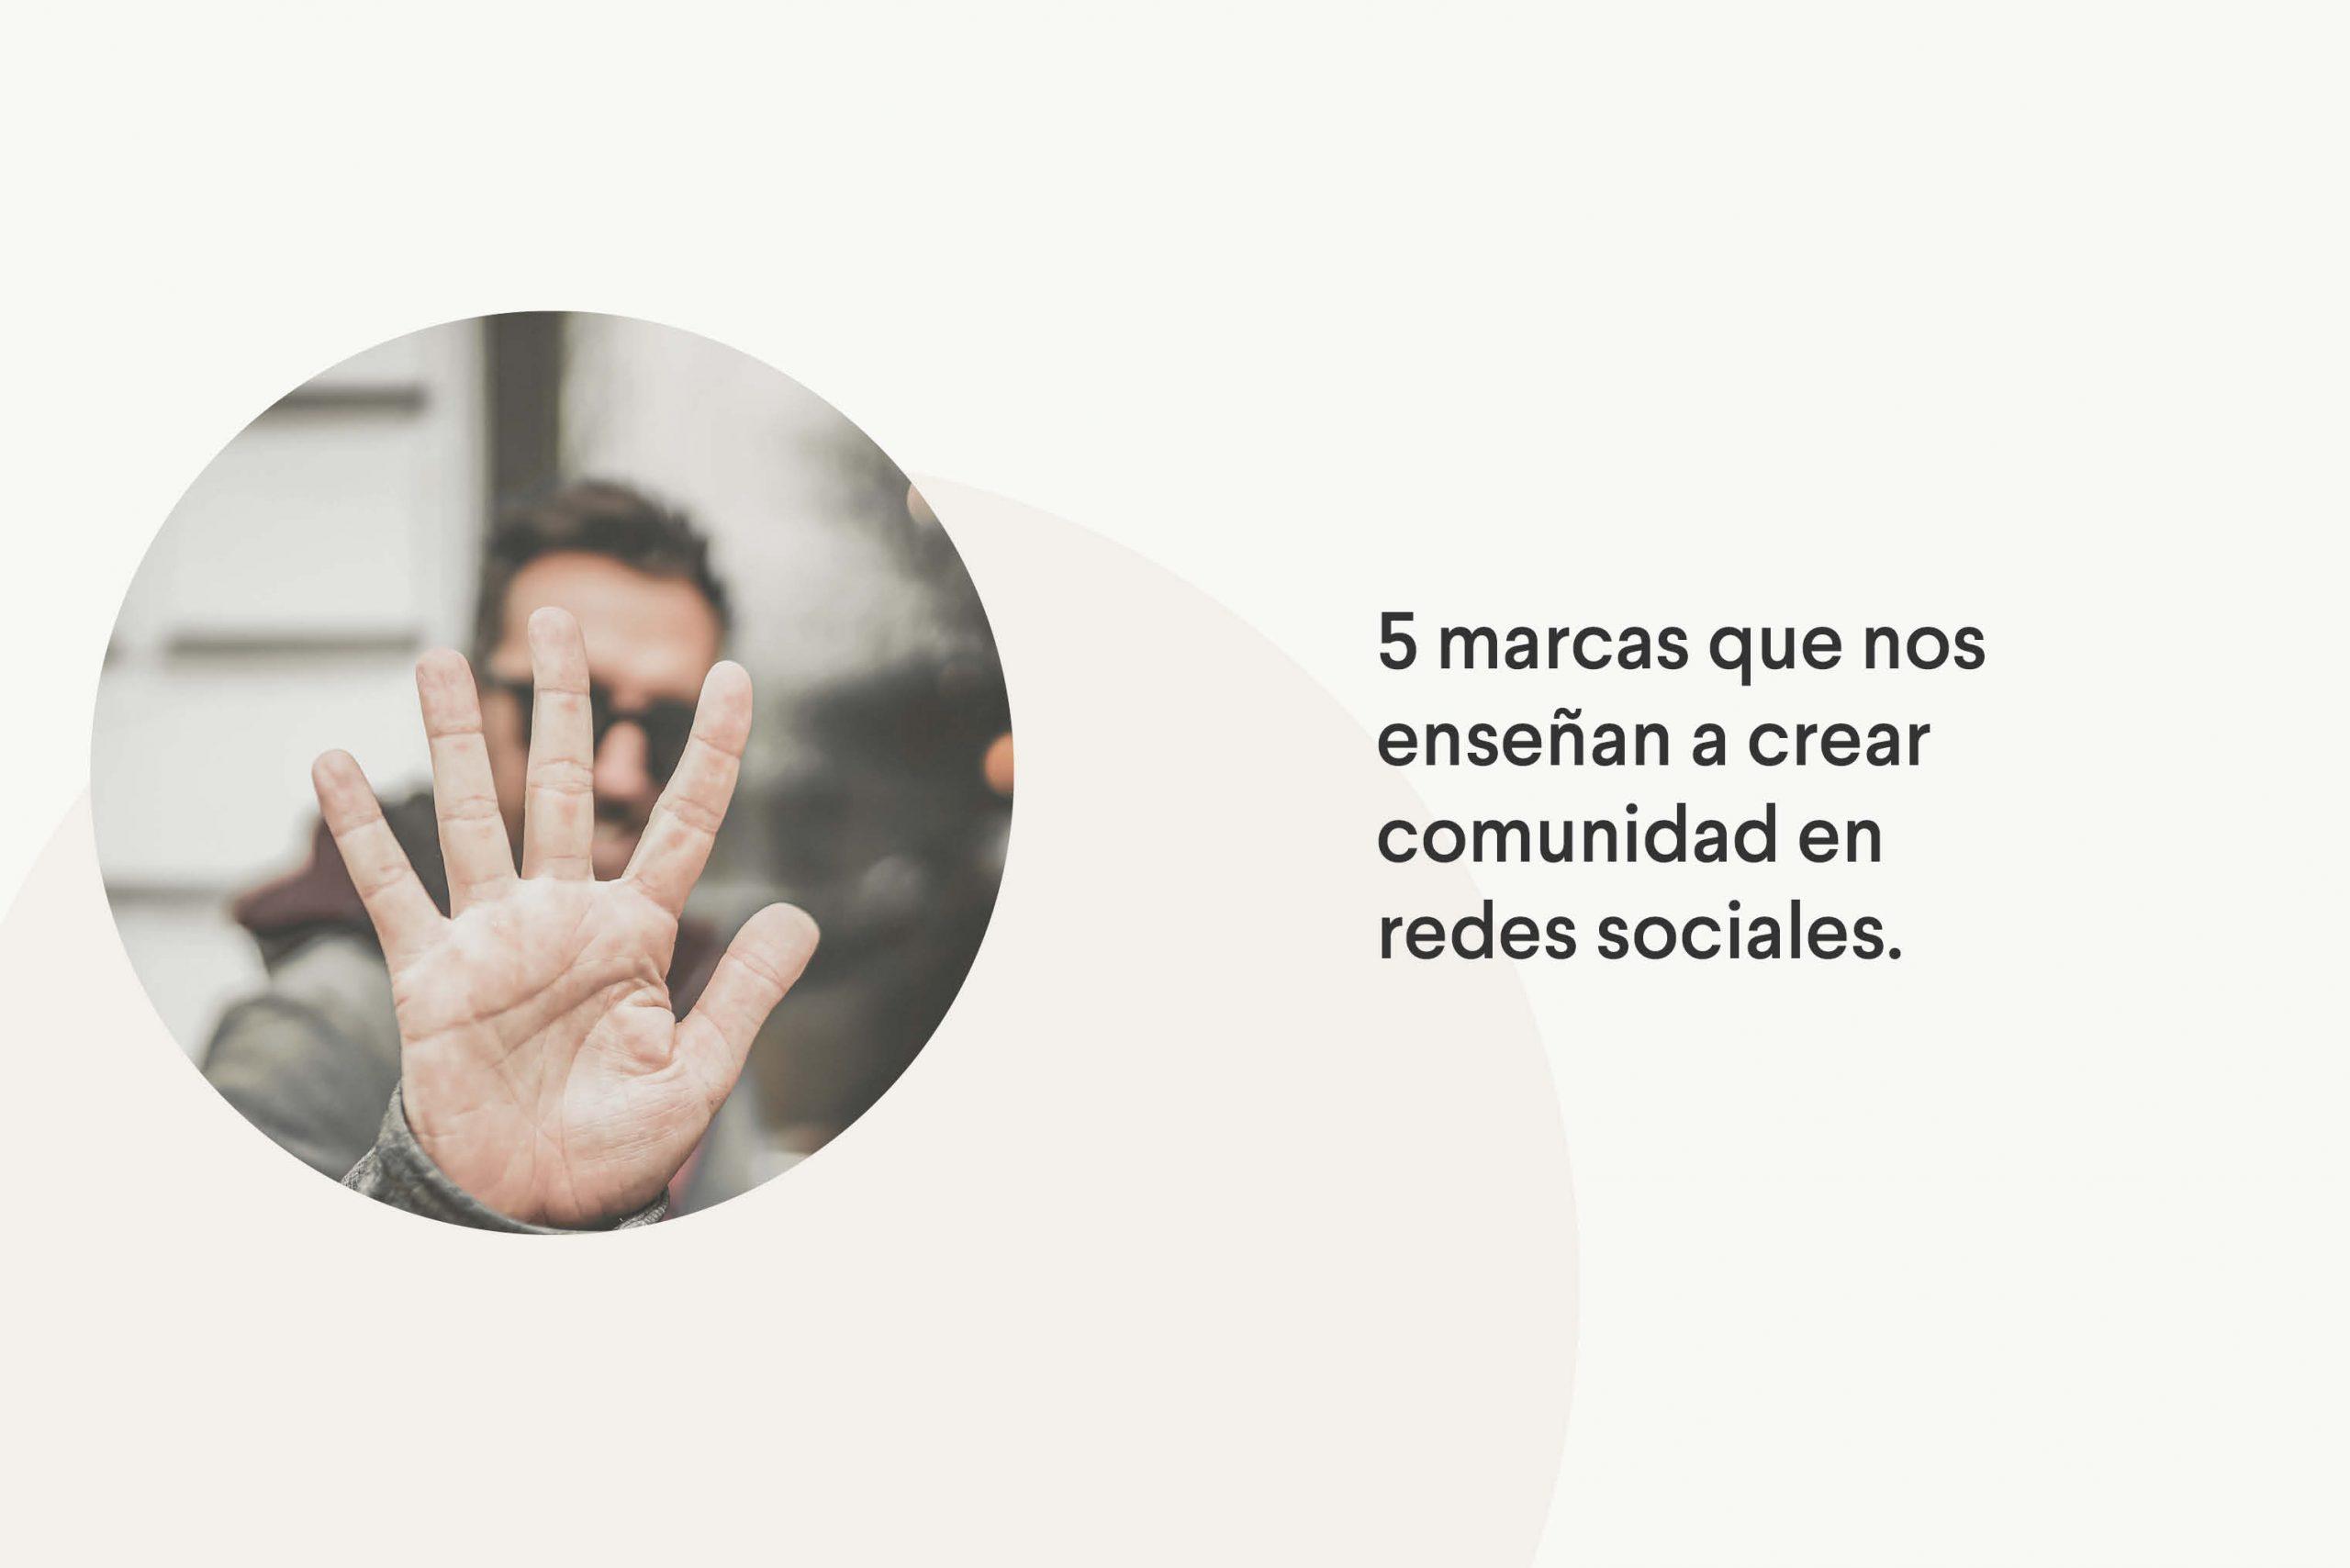 5 marcas que crean comunidad en redes sociales